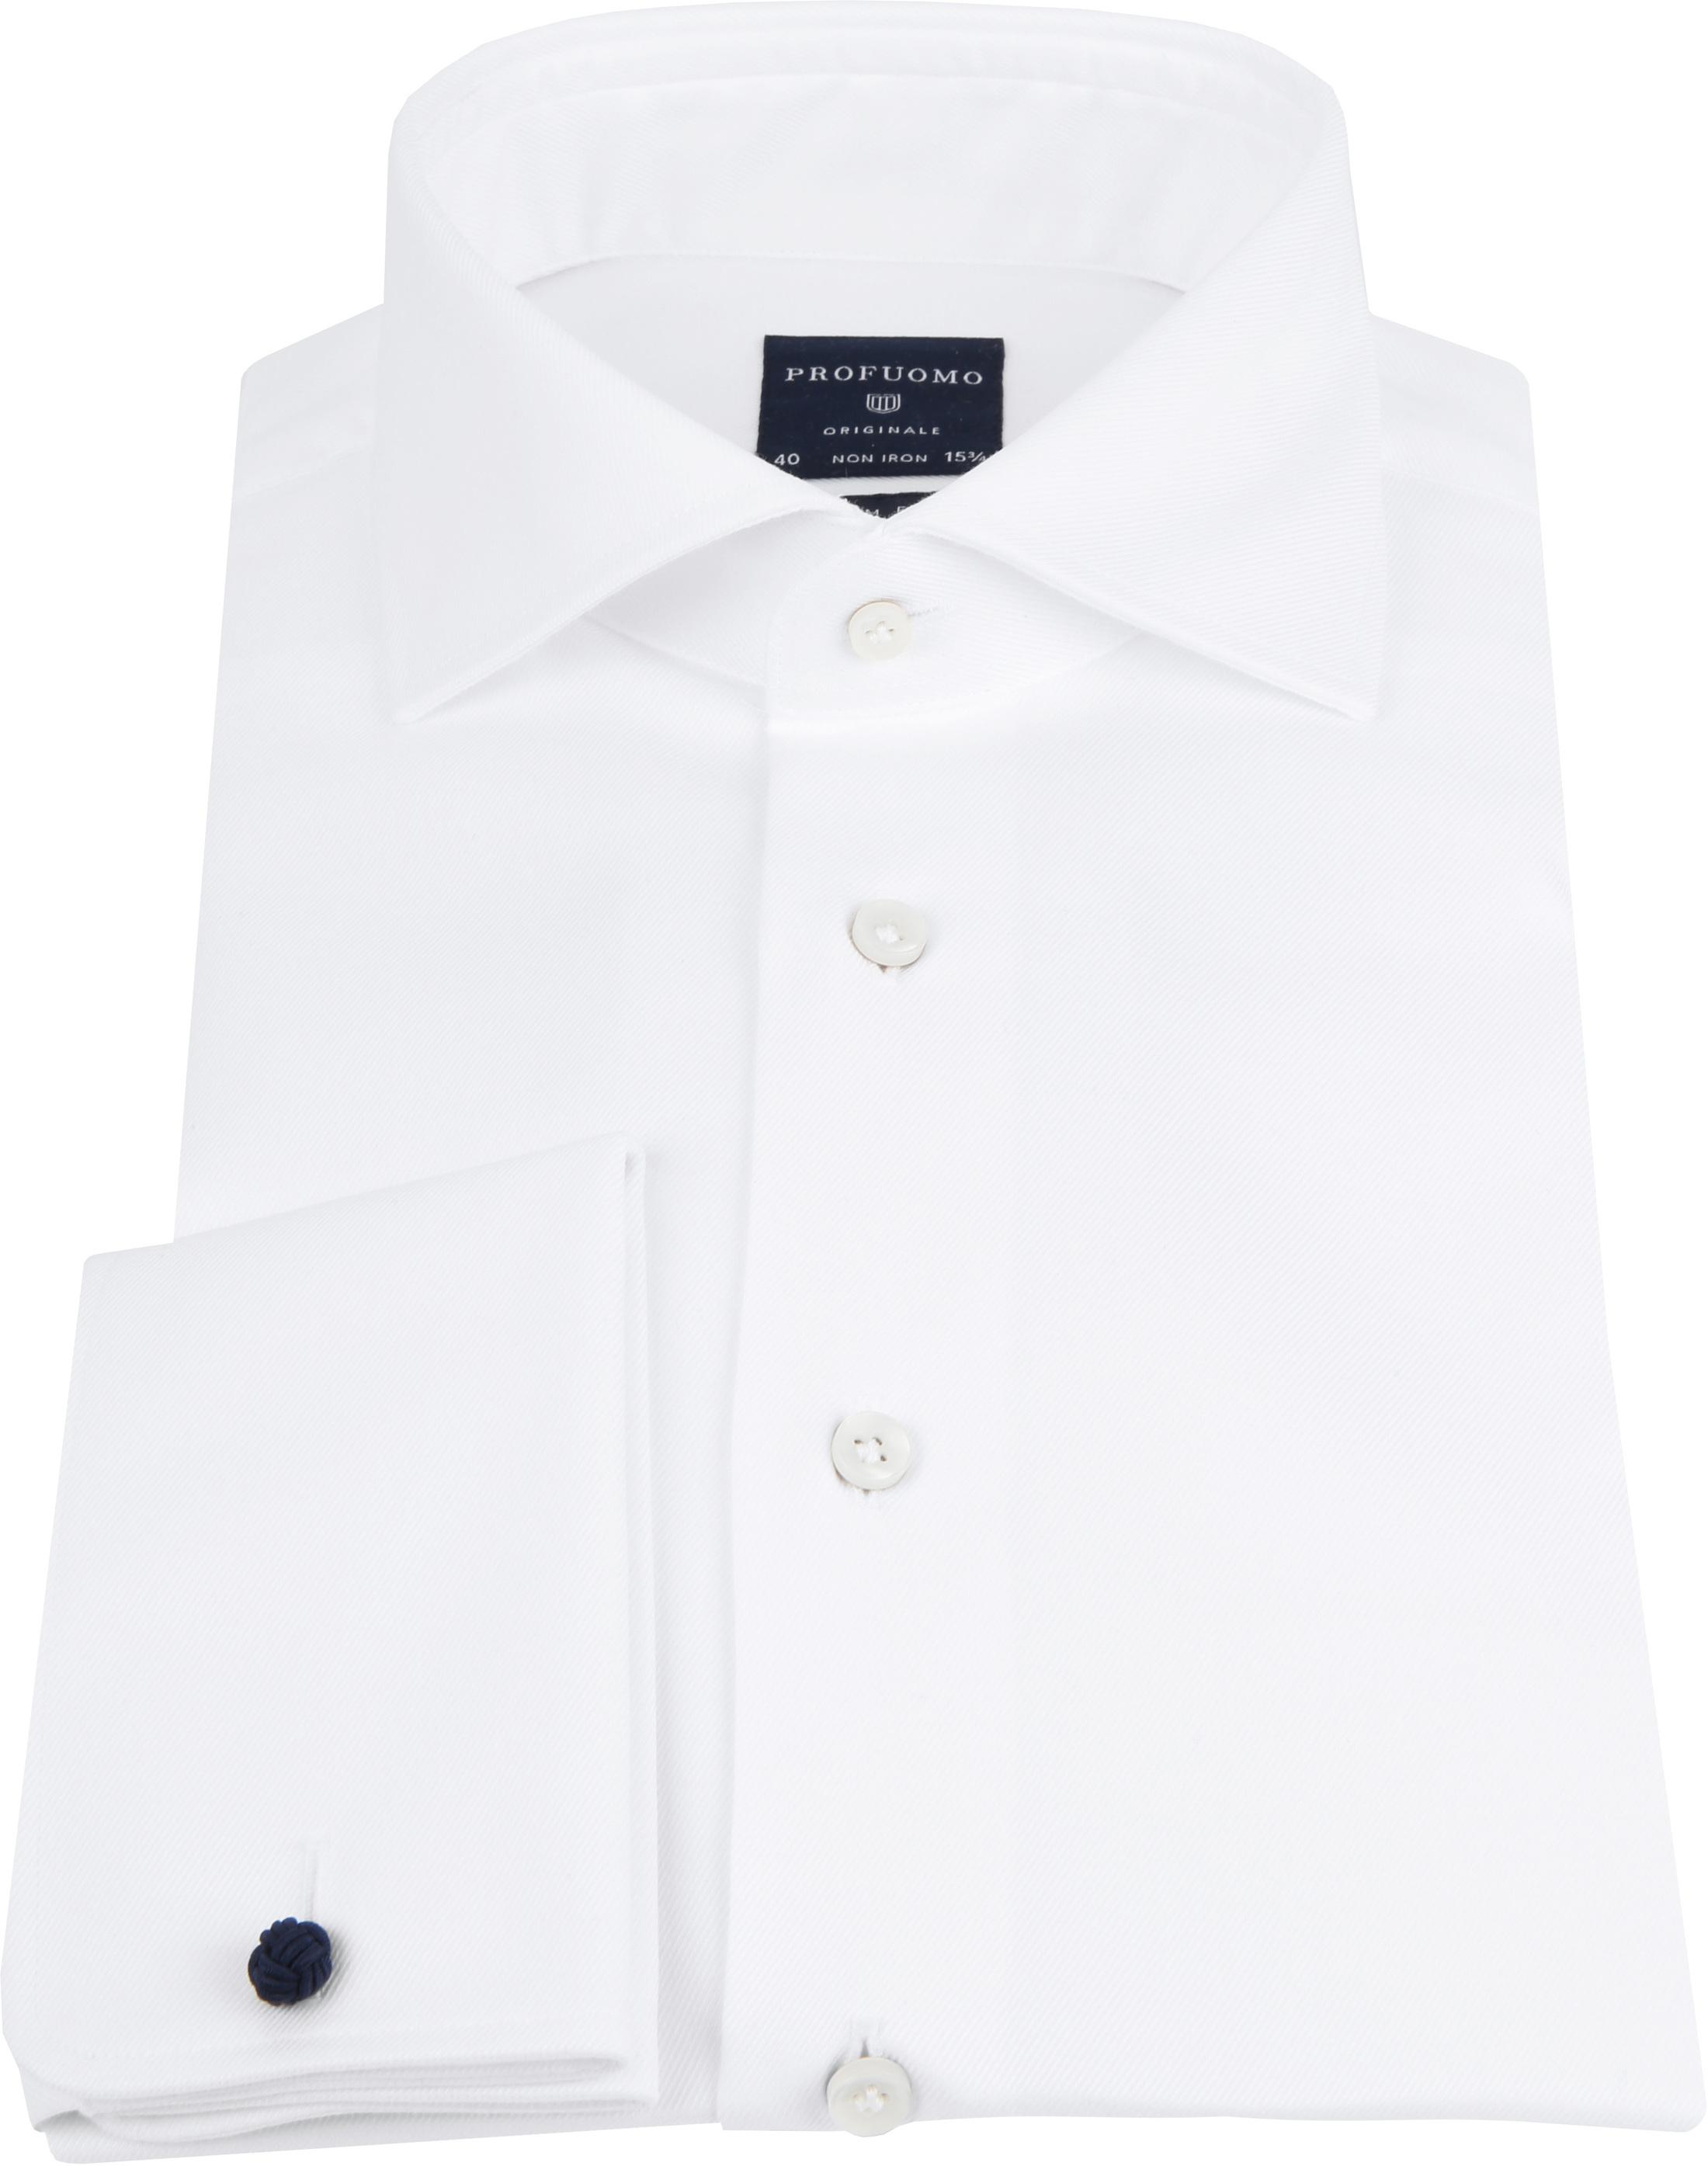 Profuomo Shirt Cutaway Double Cuff White foto 2